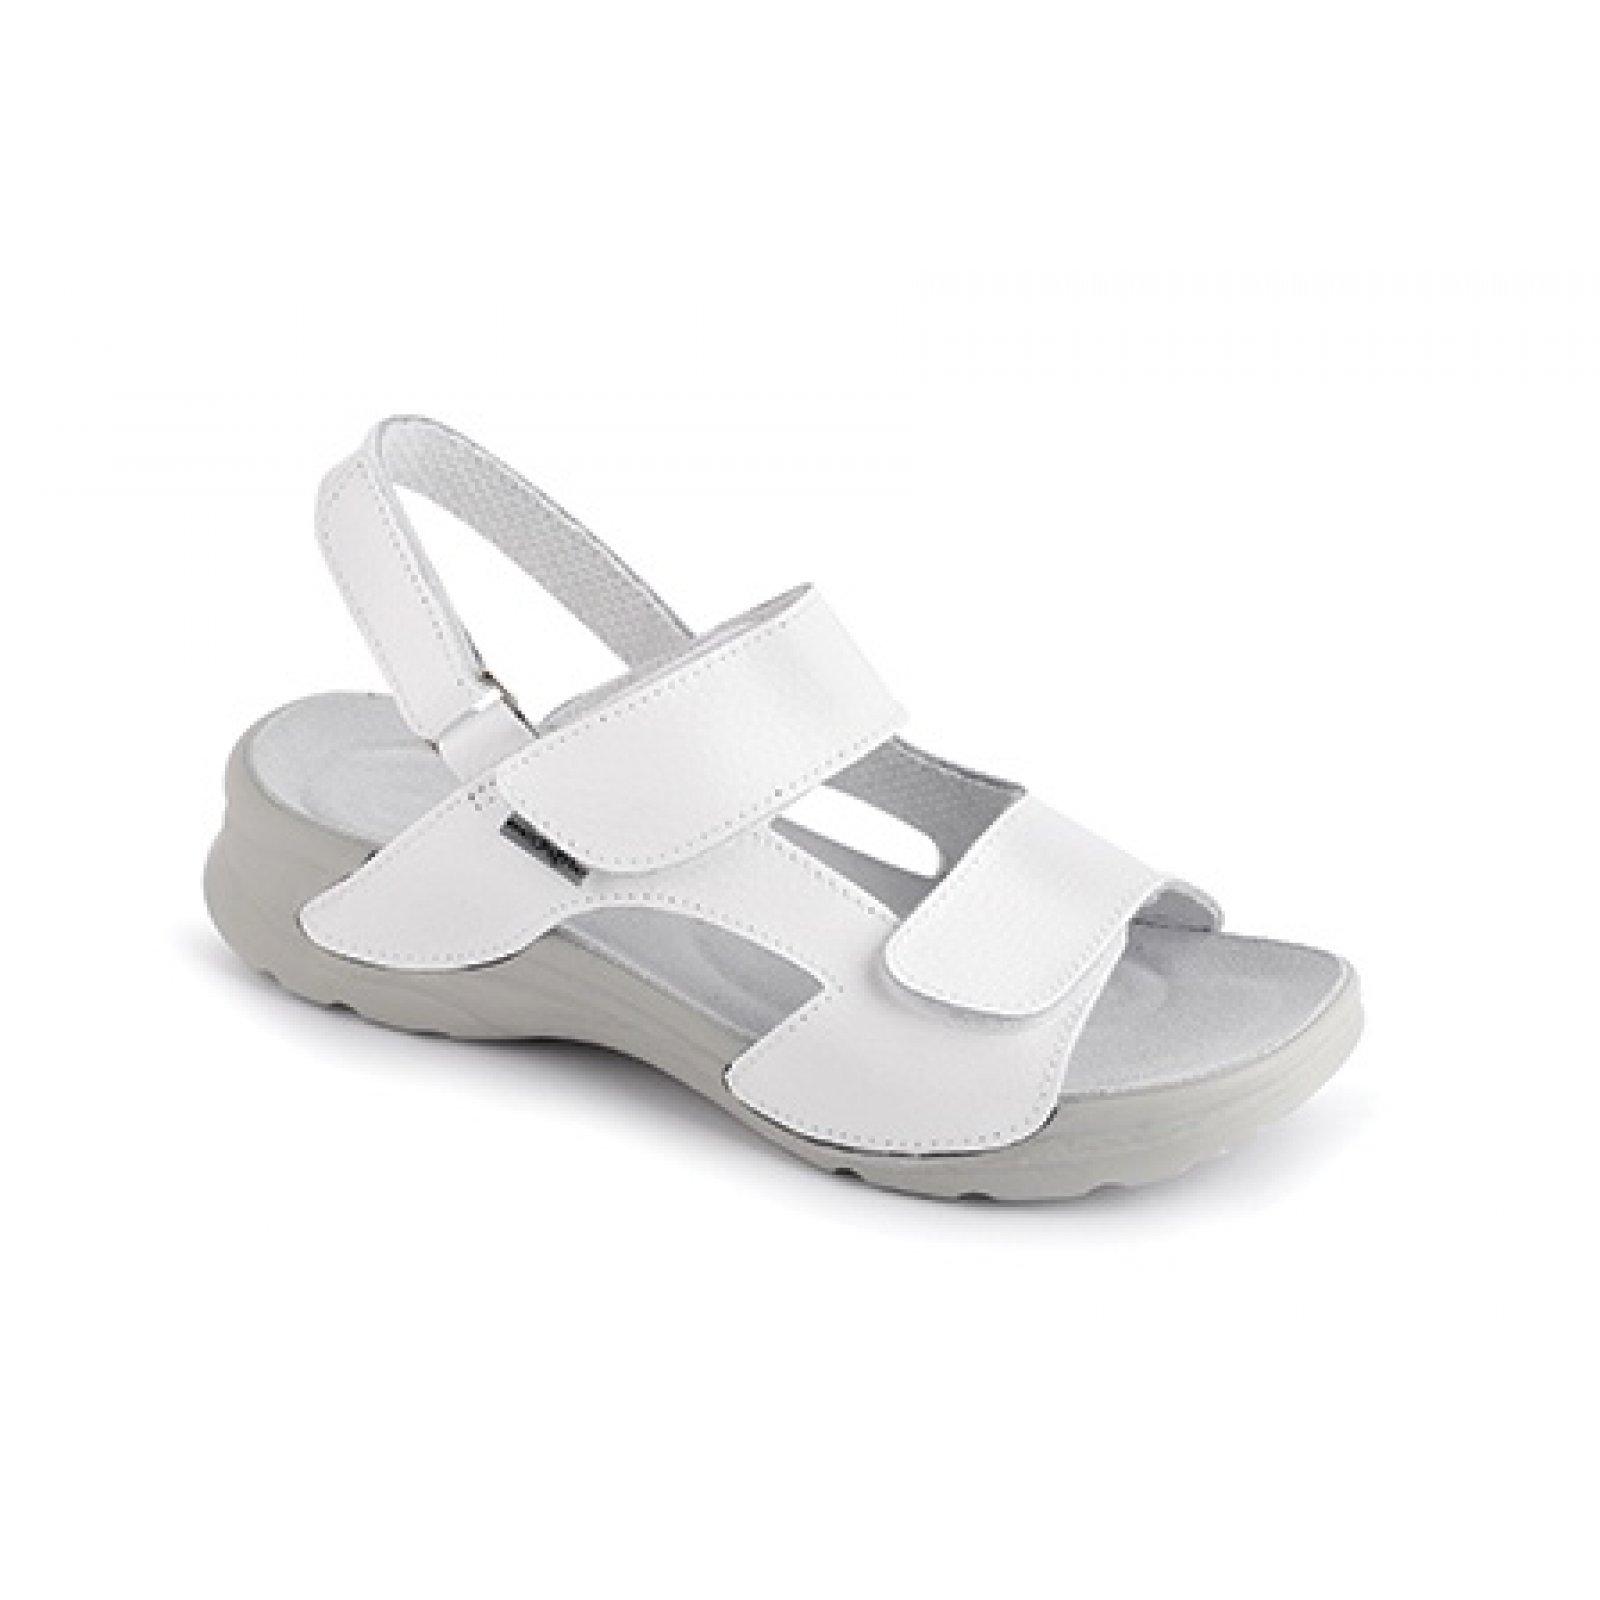 db72d1ca31 dámské sandály Medistyle Mirka bílé - KARS